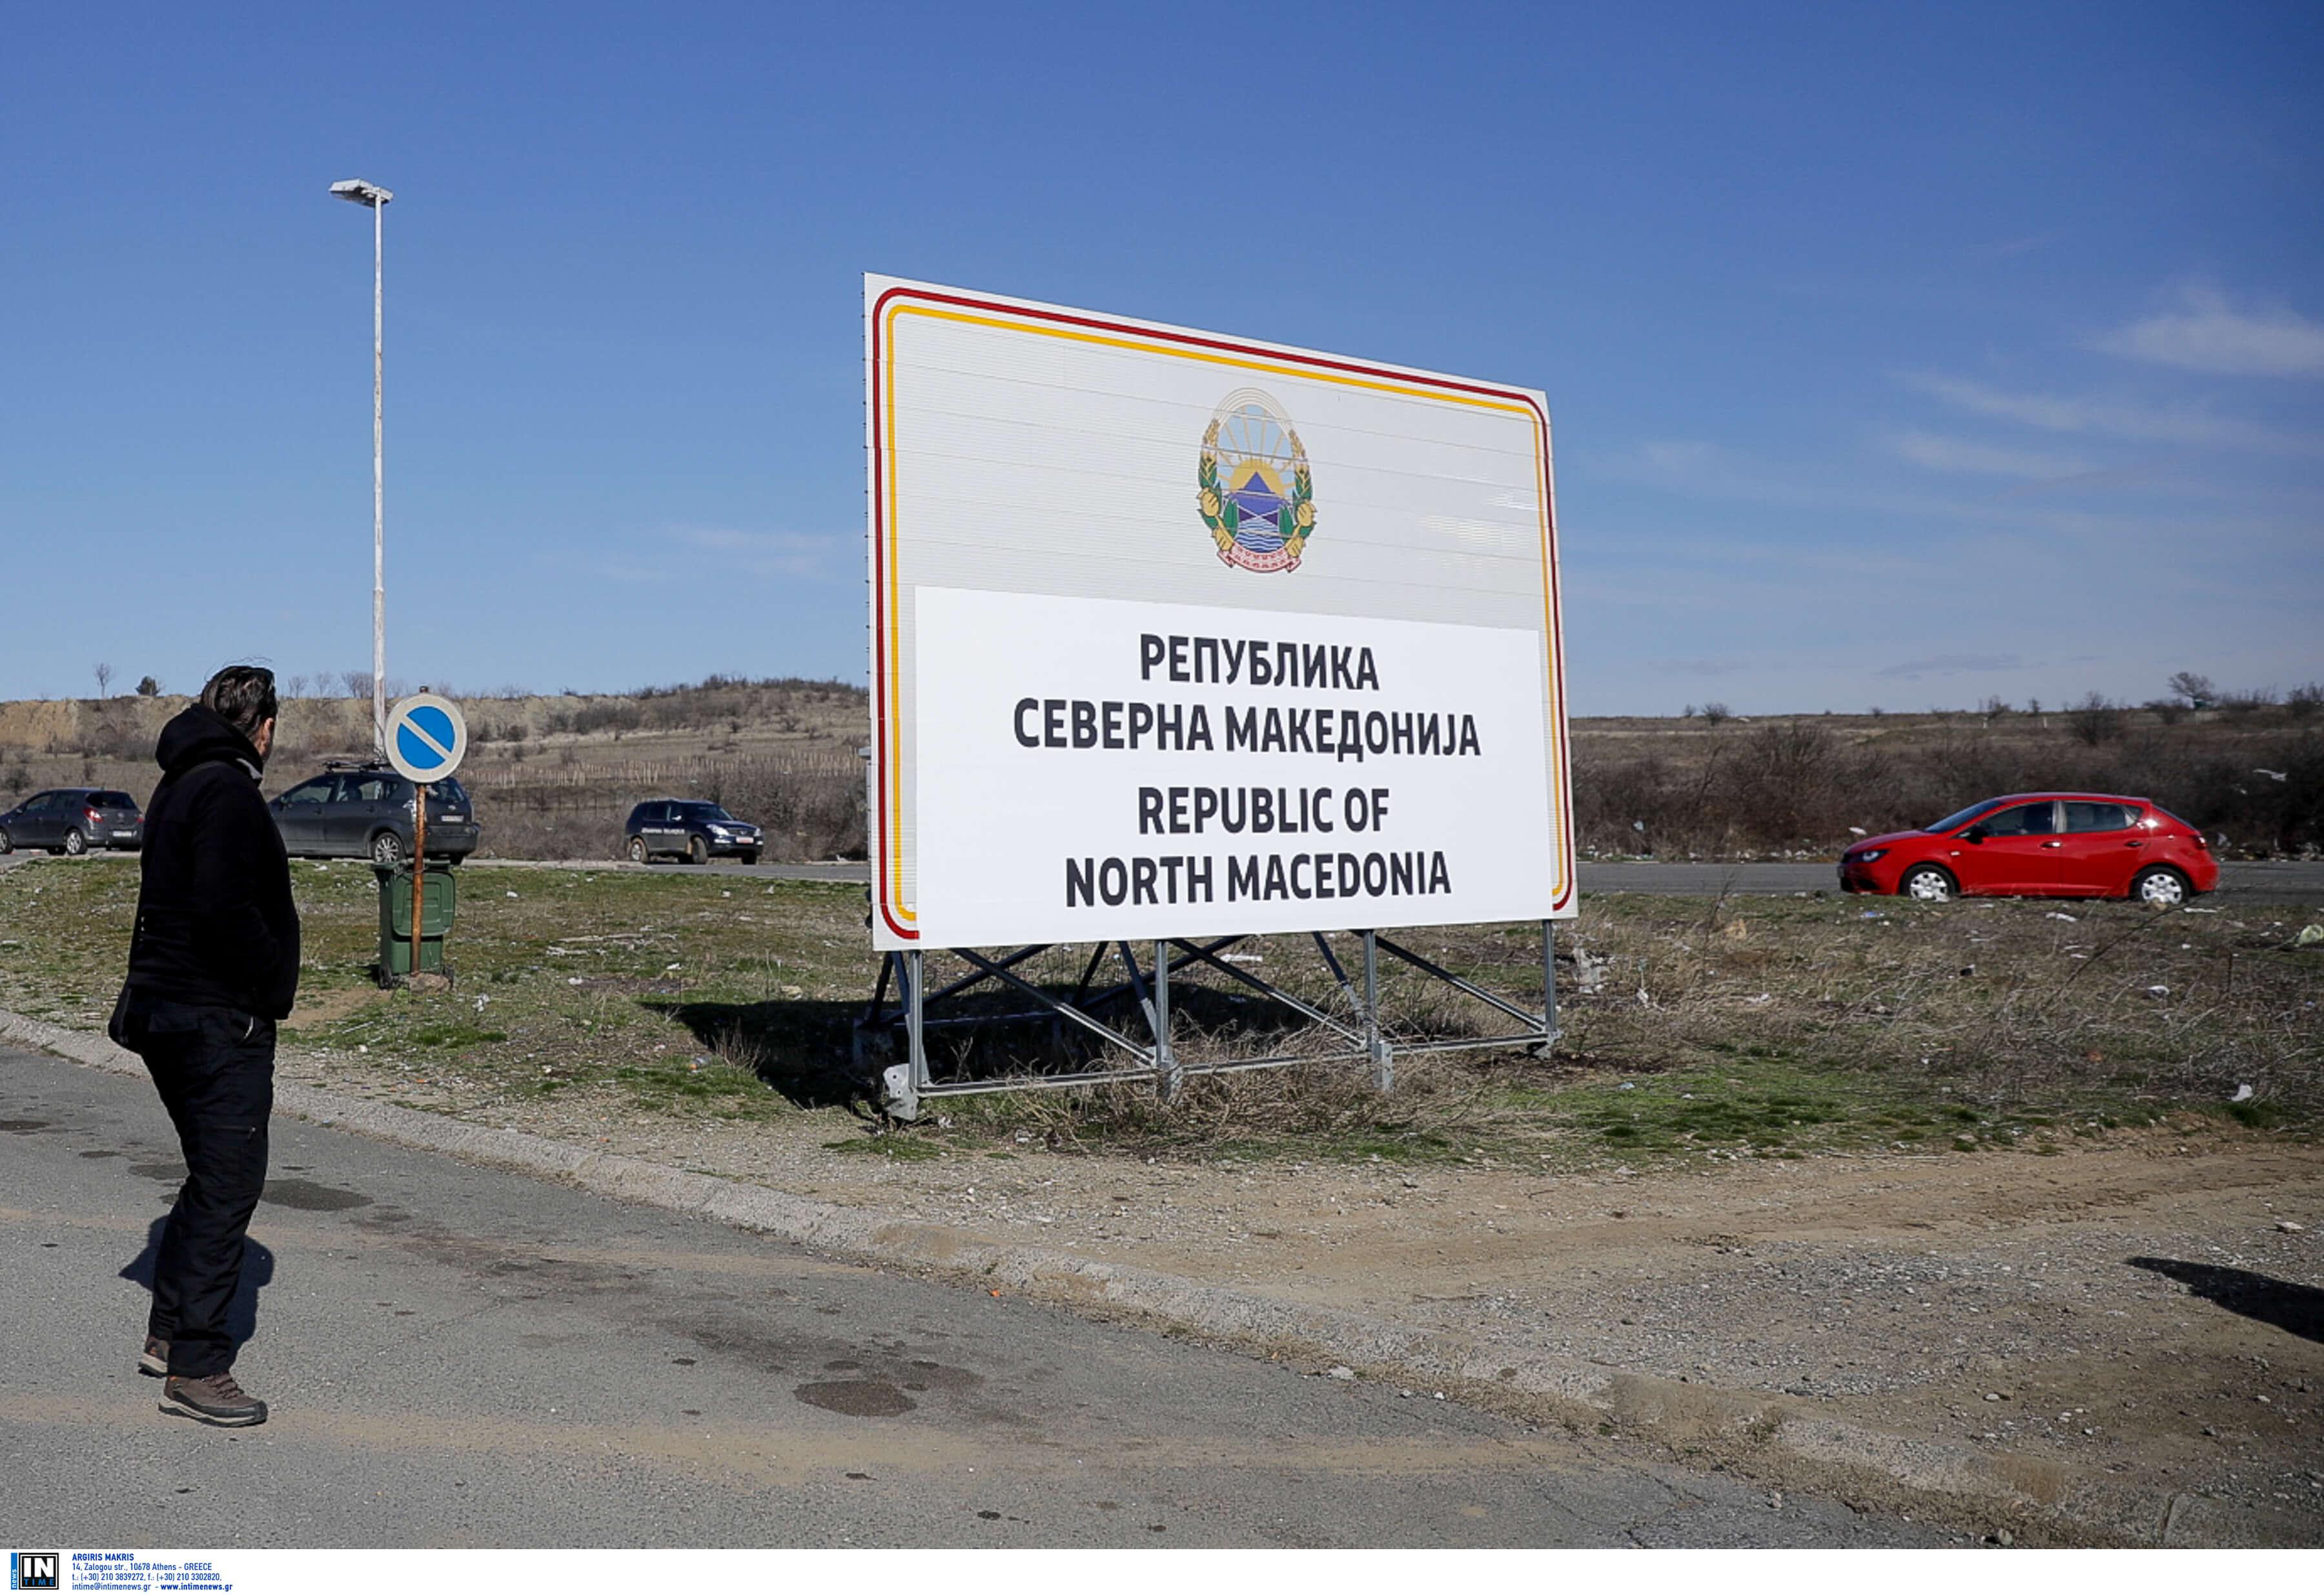 Βόρεια Μακεδονία: Συνάντηση ελληνικής αντιπροσωπείας με τον υπουργό Μεταφορών – Τι συζητήθηκε